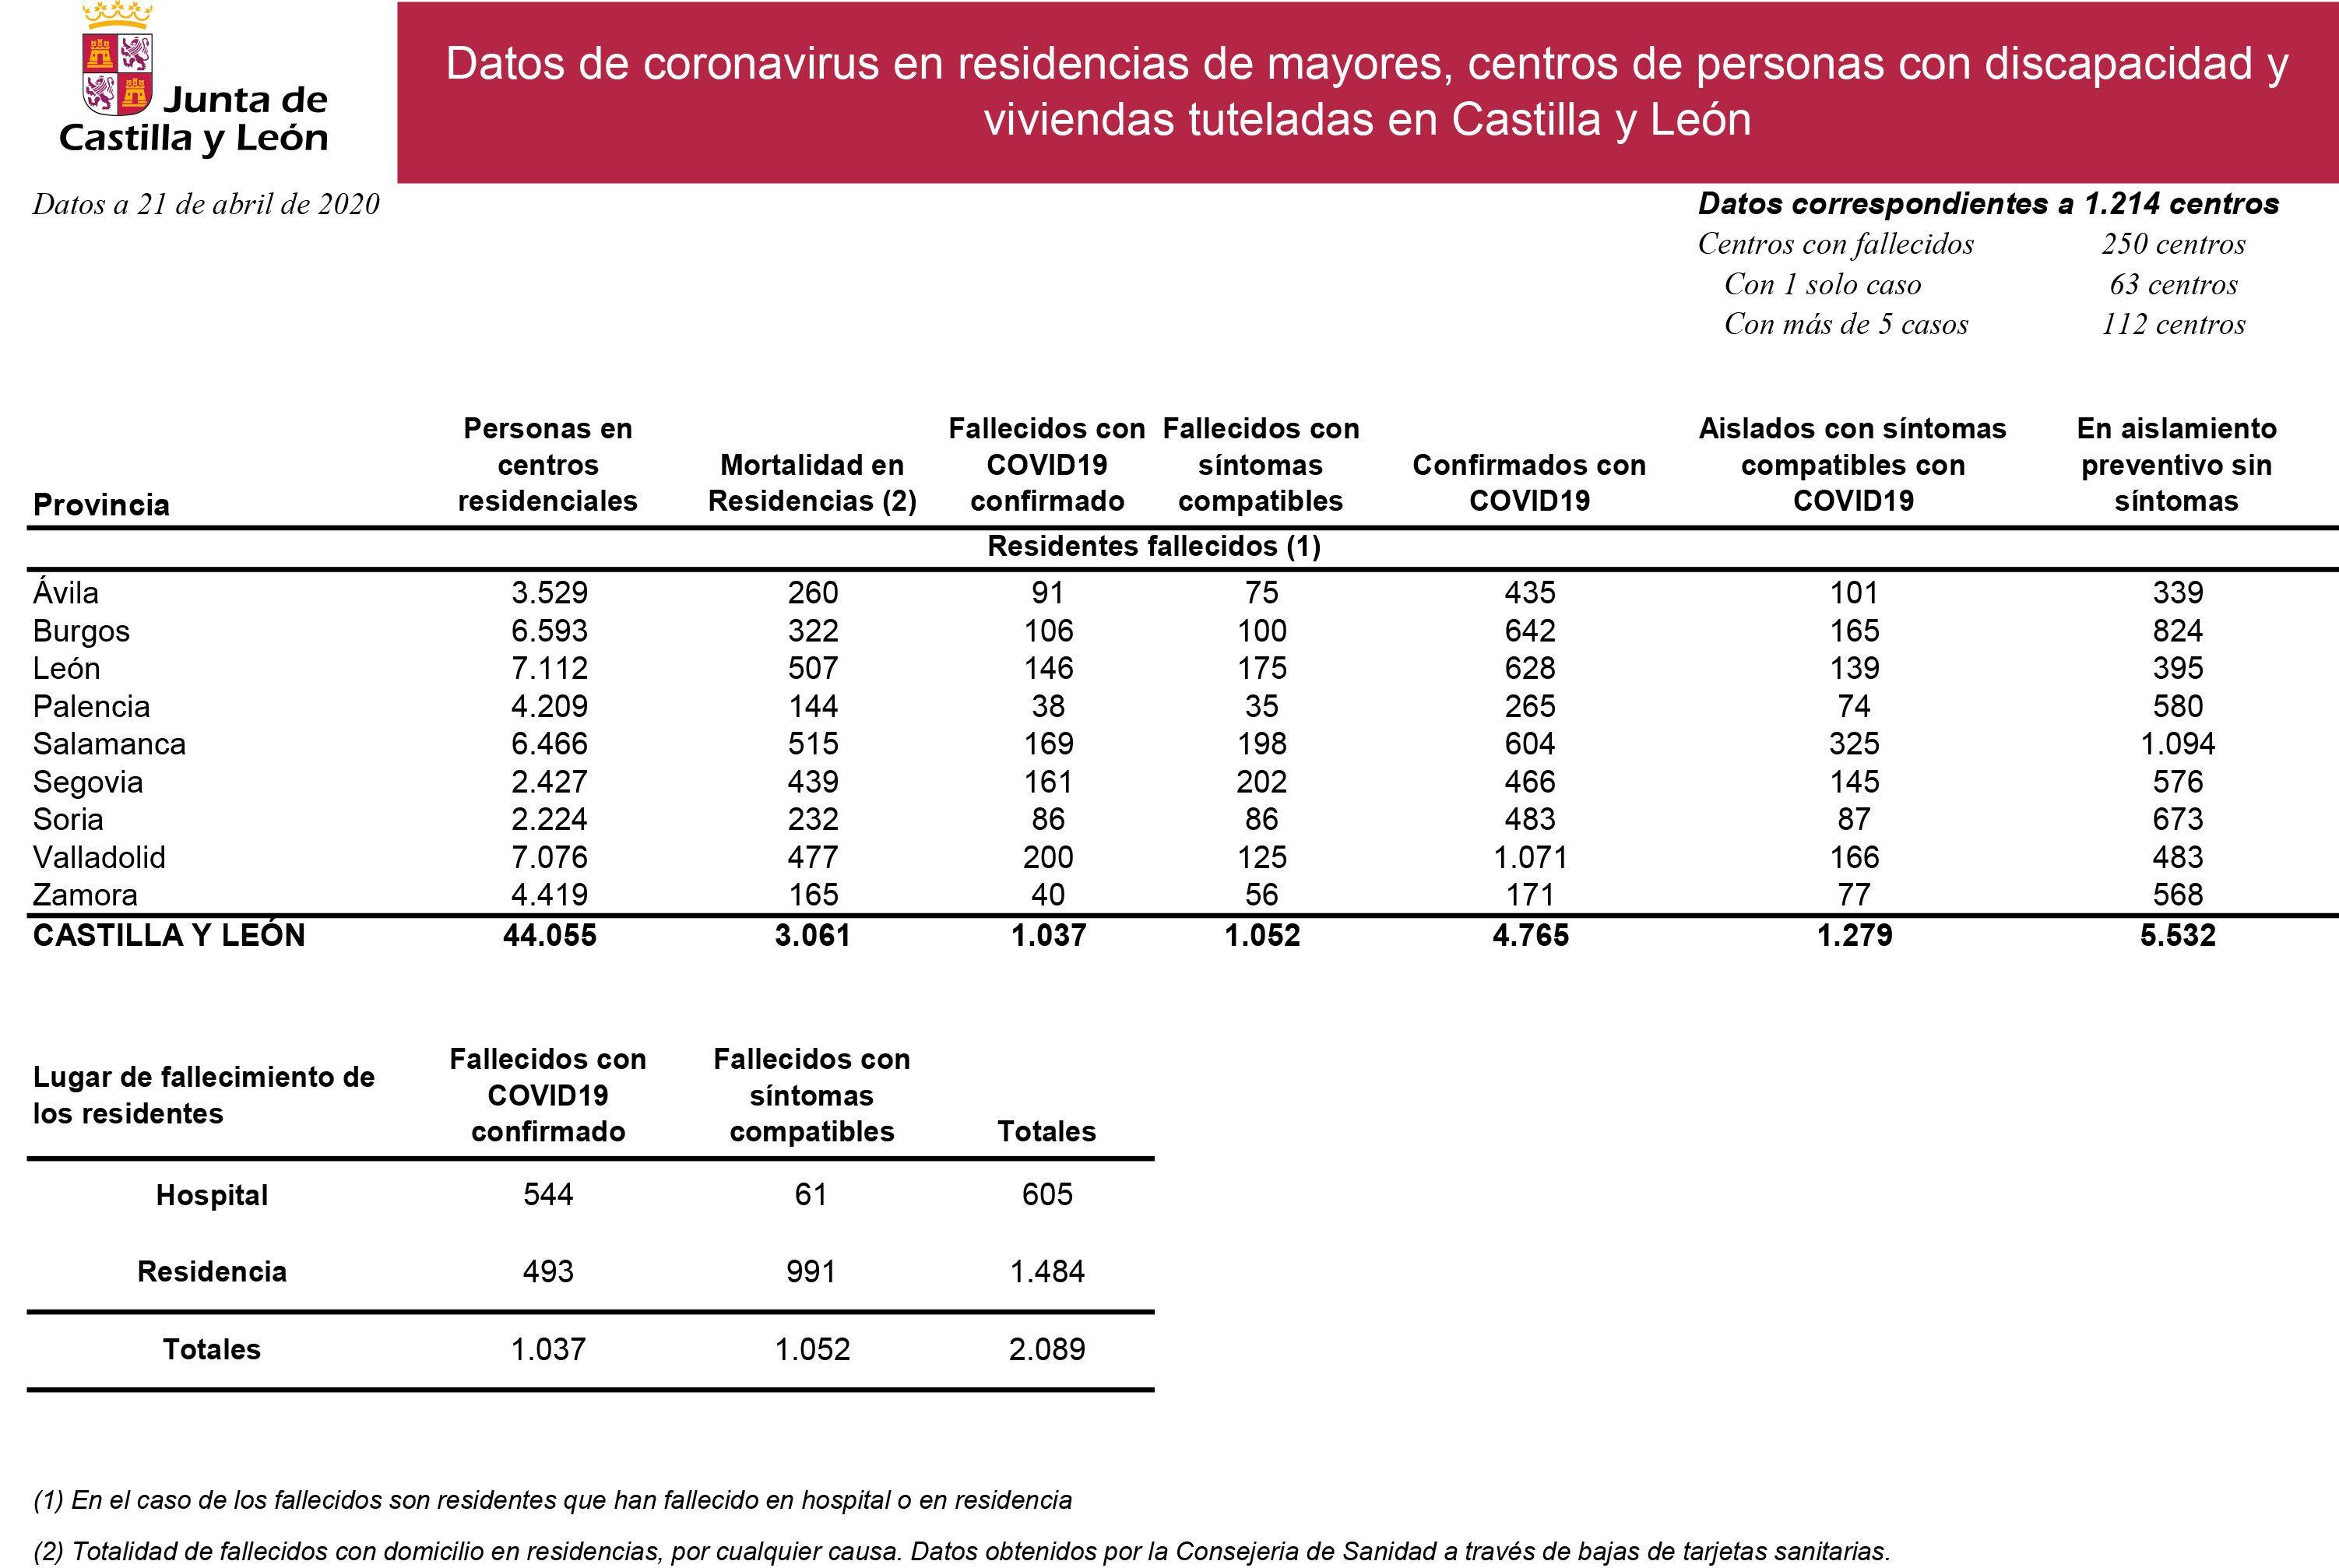 Datos coronavirus residencias y centros 21 abril